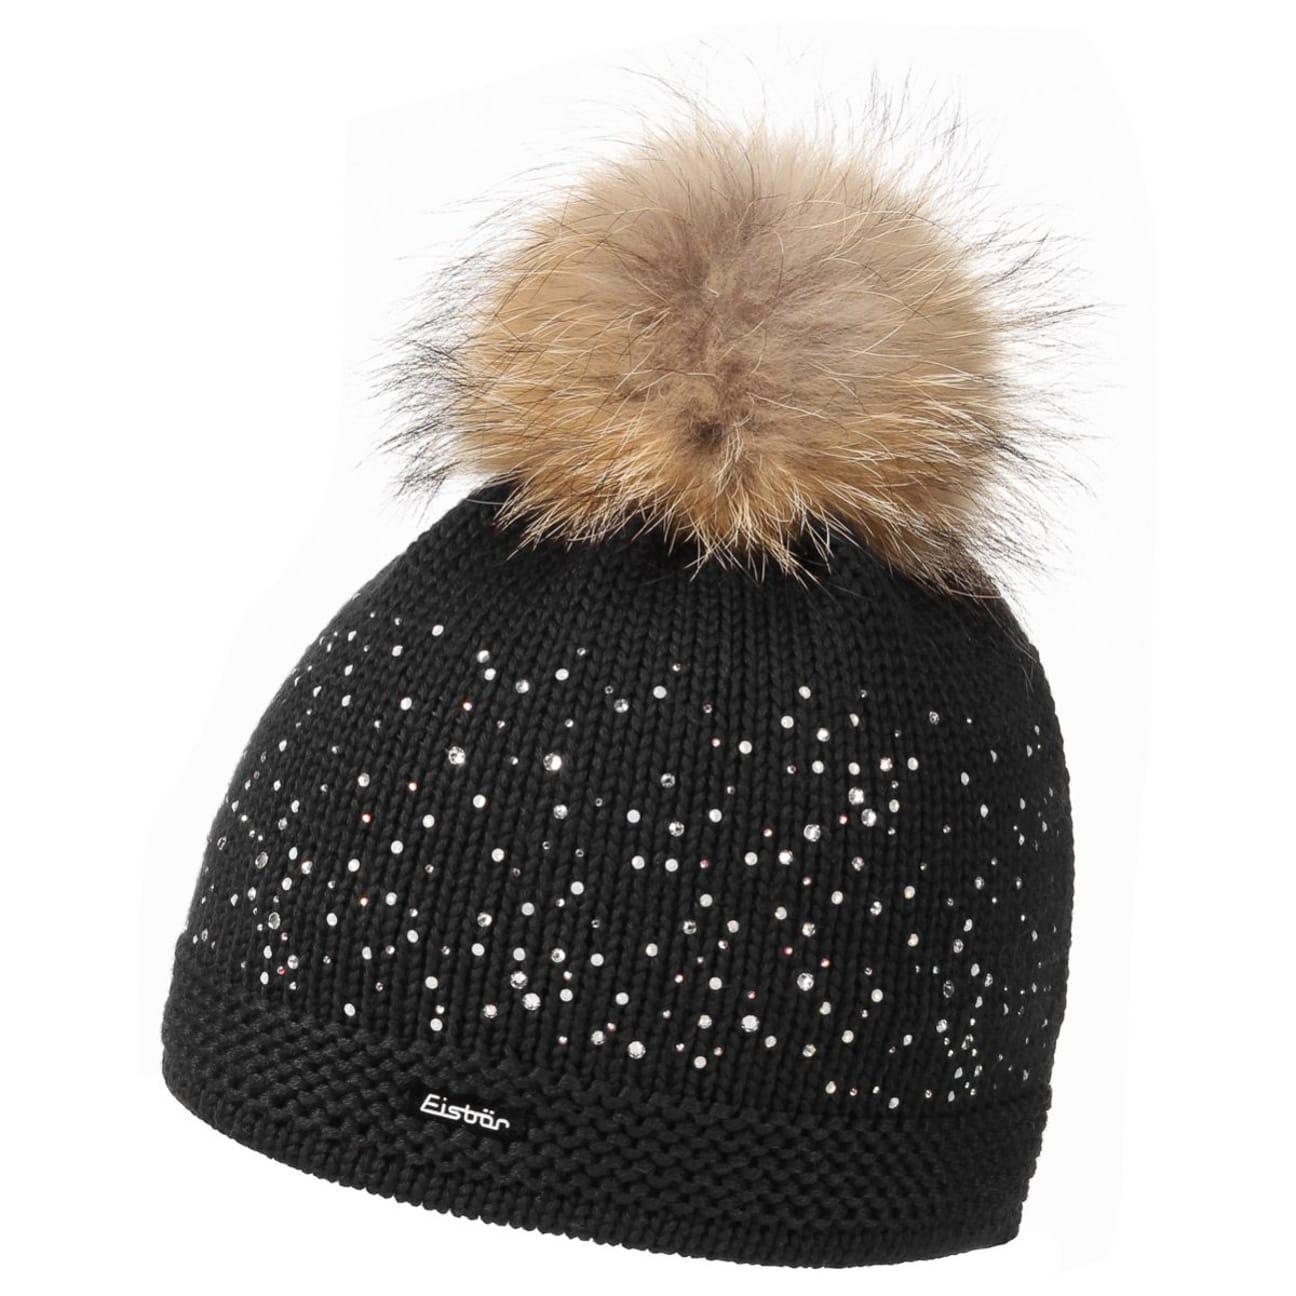 mode de vente chaude design professionnel quantité limitée Bonnet Gloria Fur by Eisbär